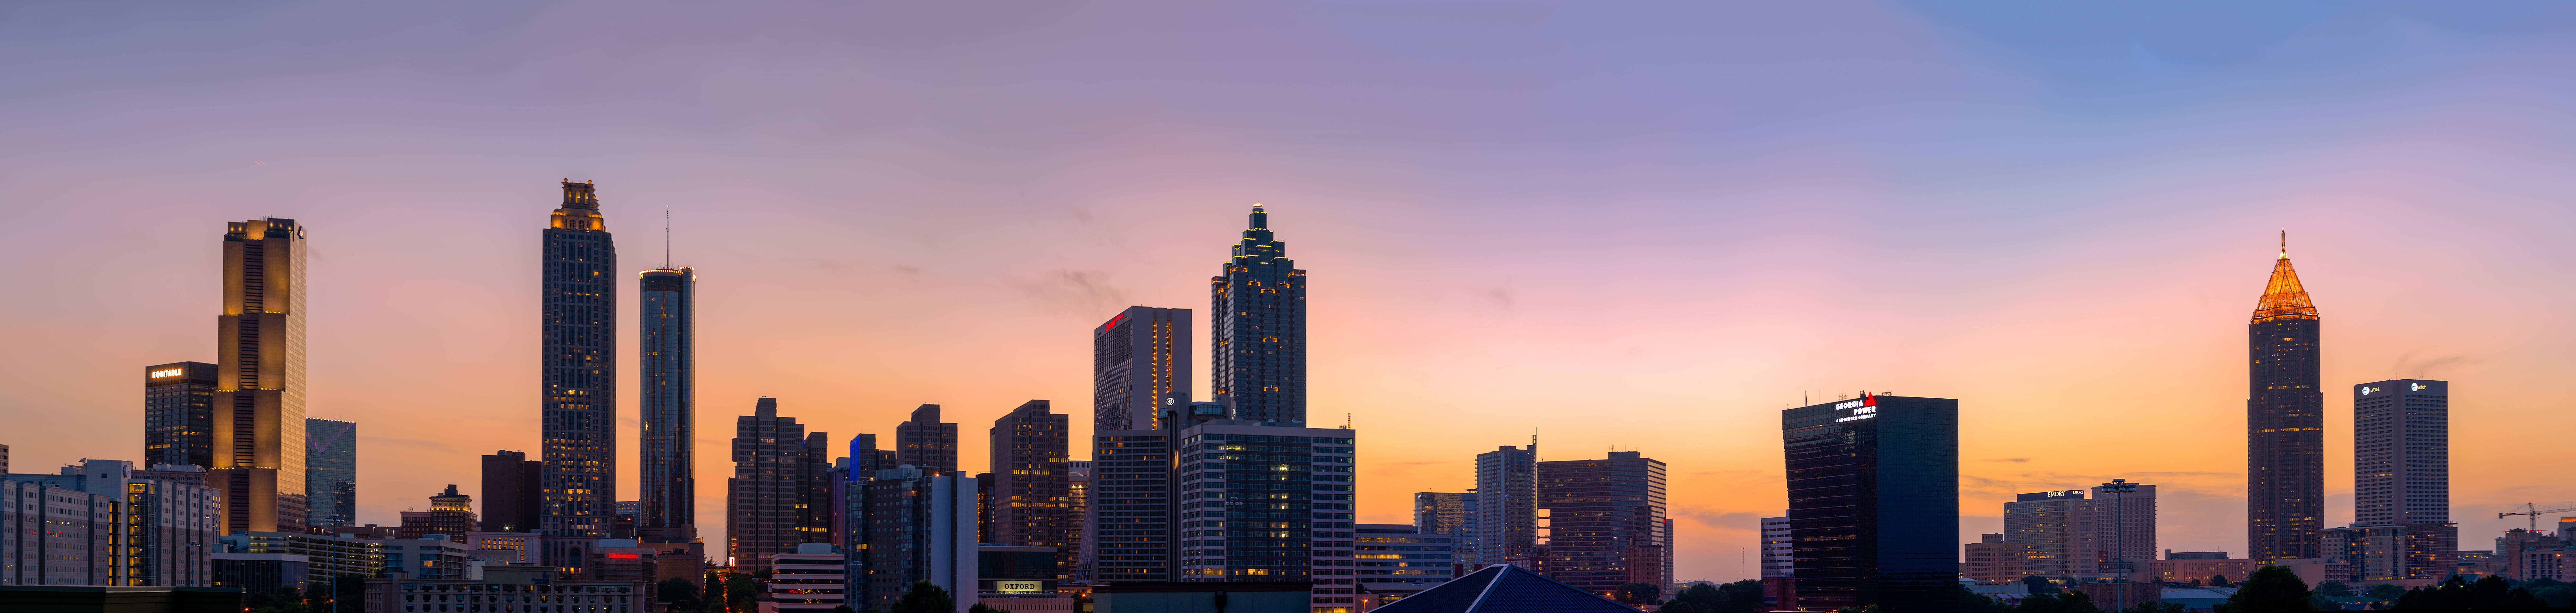 Atlanta_Downtown_Skyline